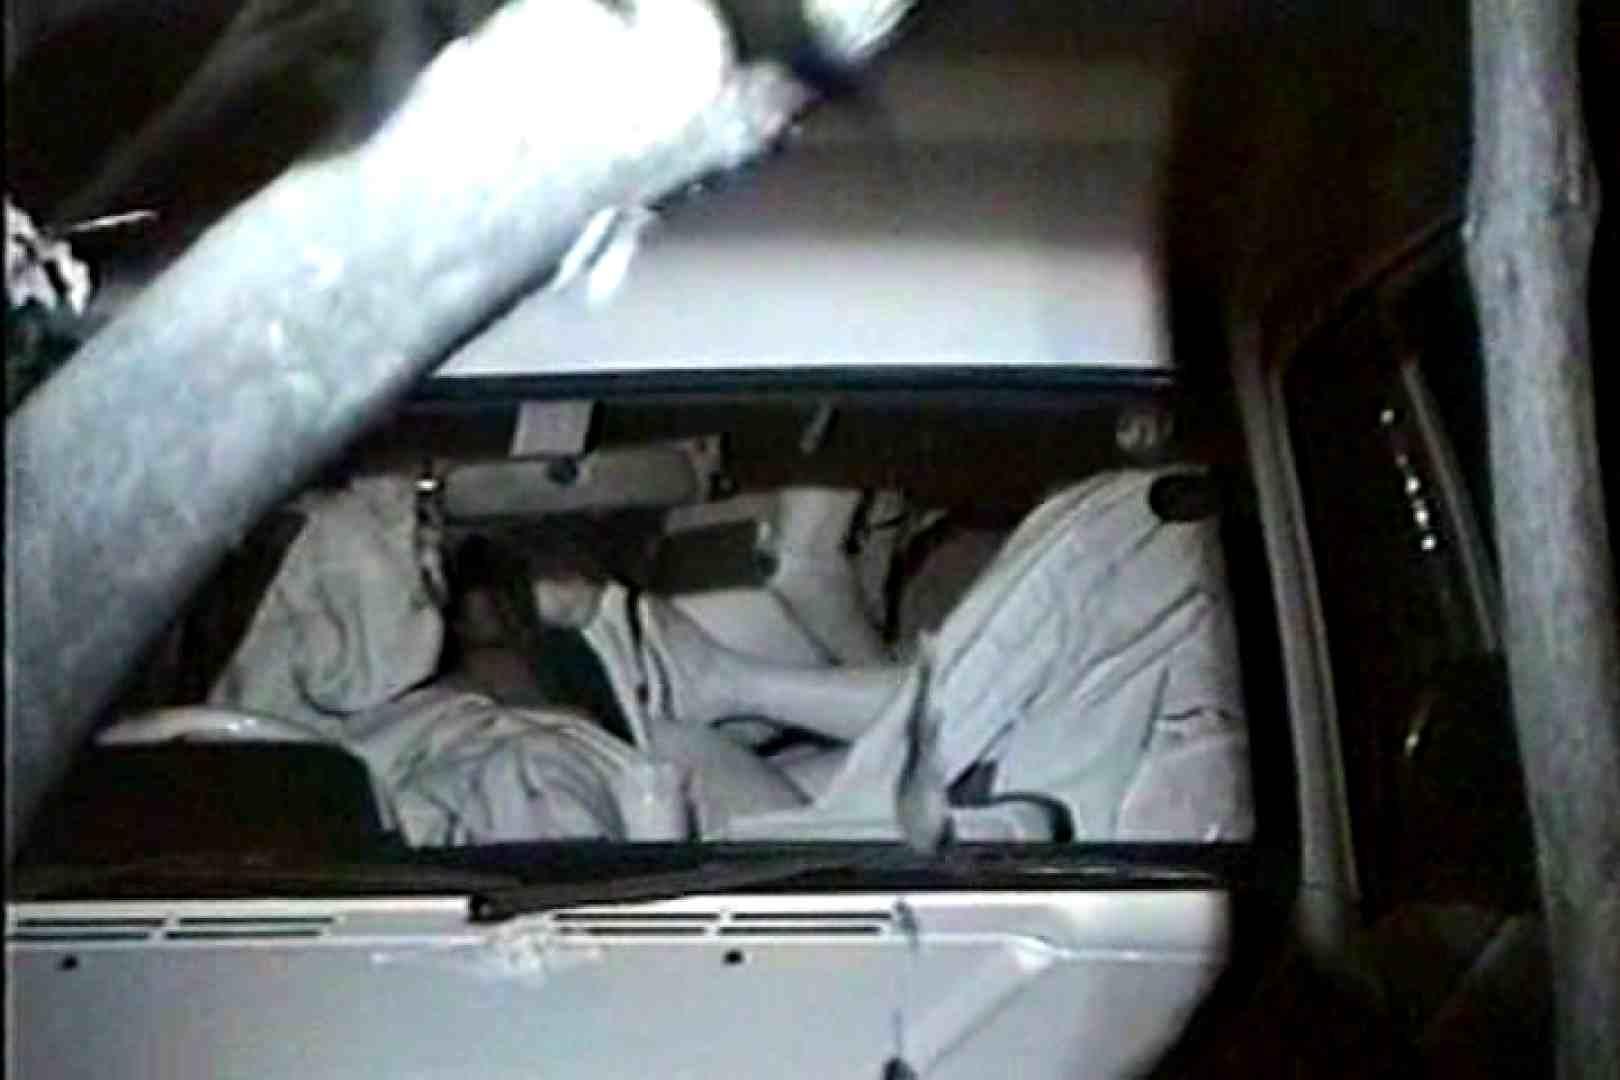 車の中はラブホテル 無修正版  Vol.8 カーセックス エロ画像 108PICs 63